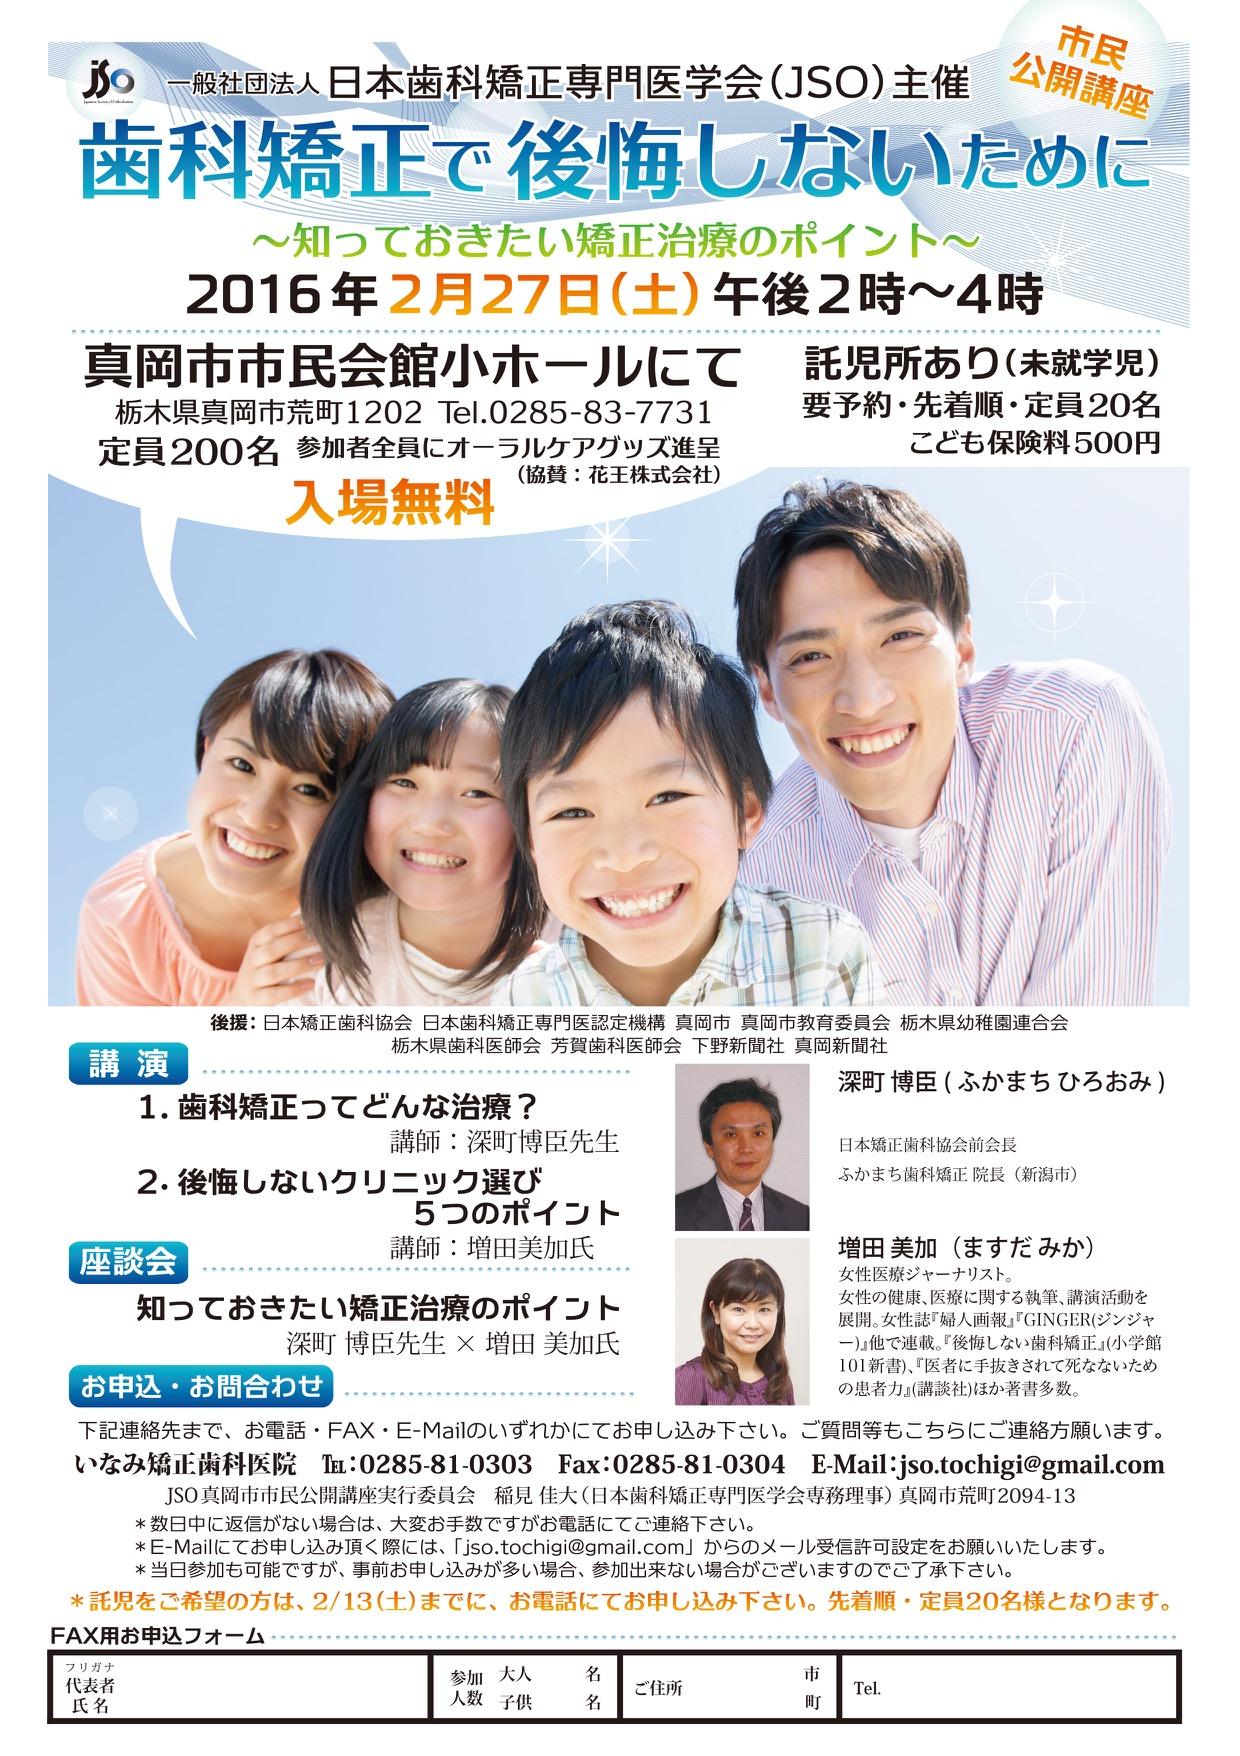 2016年2月27日(土)真岡市 市民公開講座「歯科矯正で後悔しないために」で講演します!